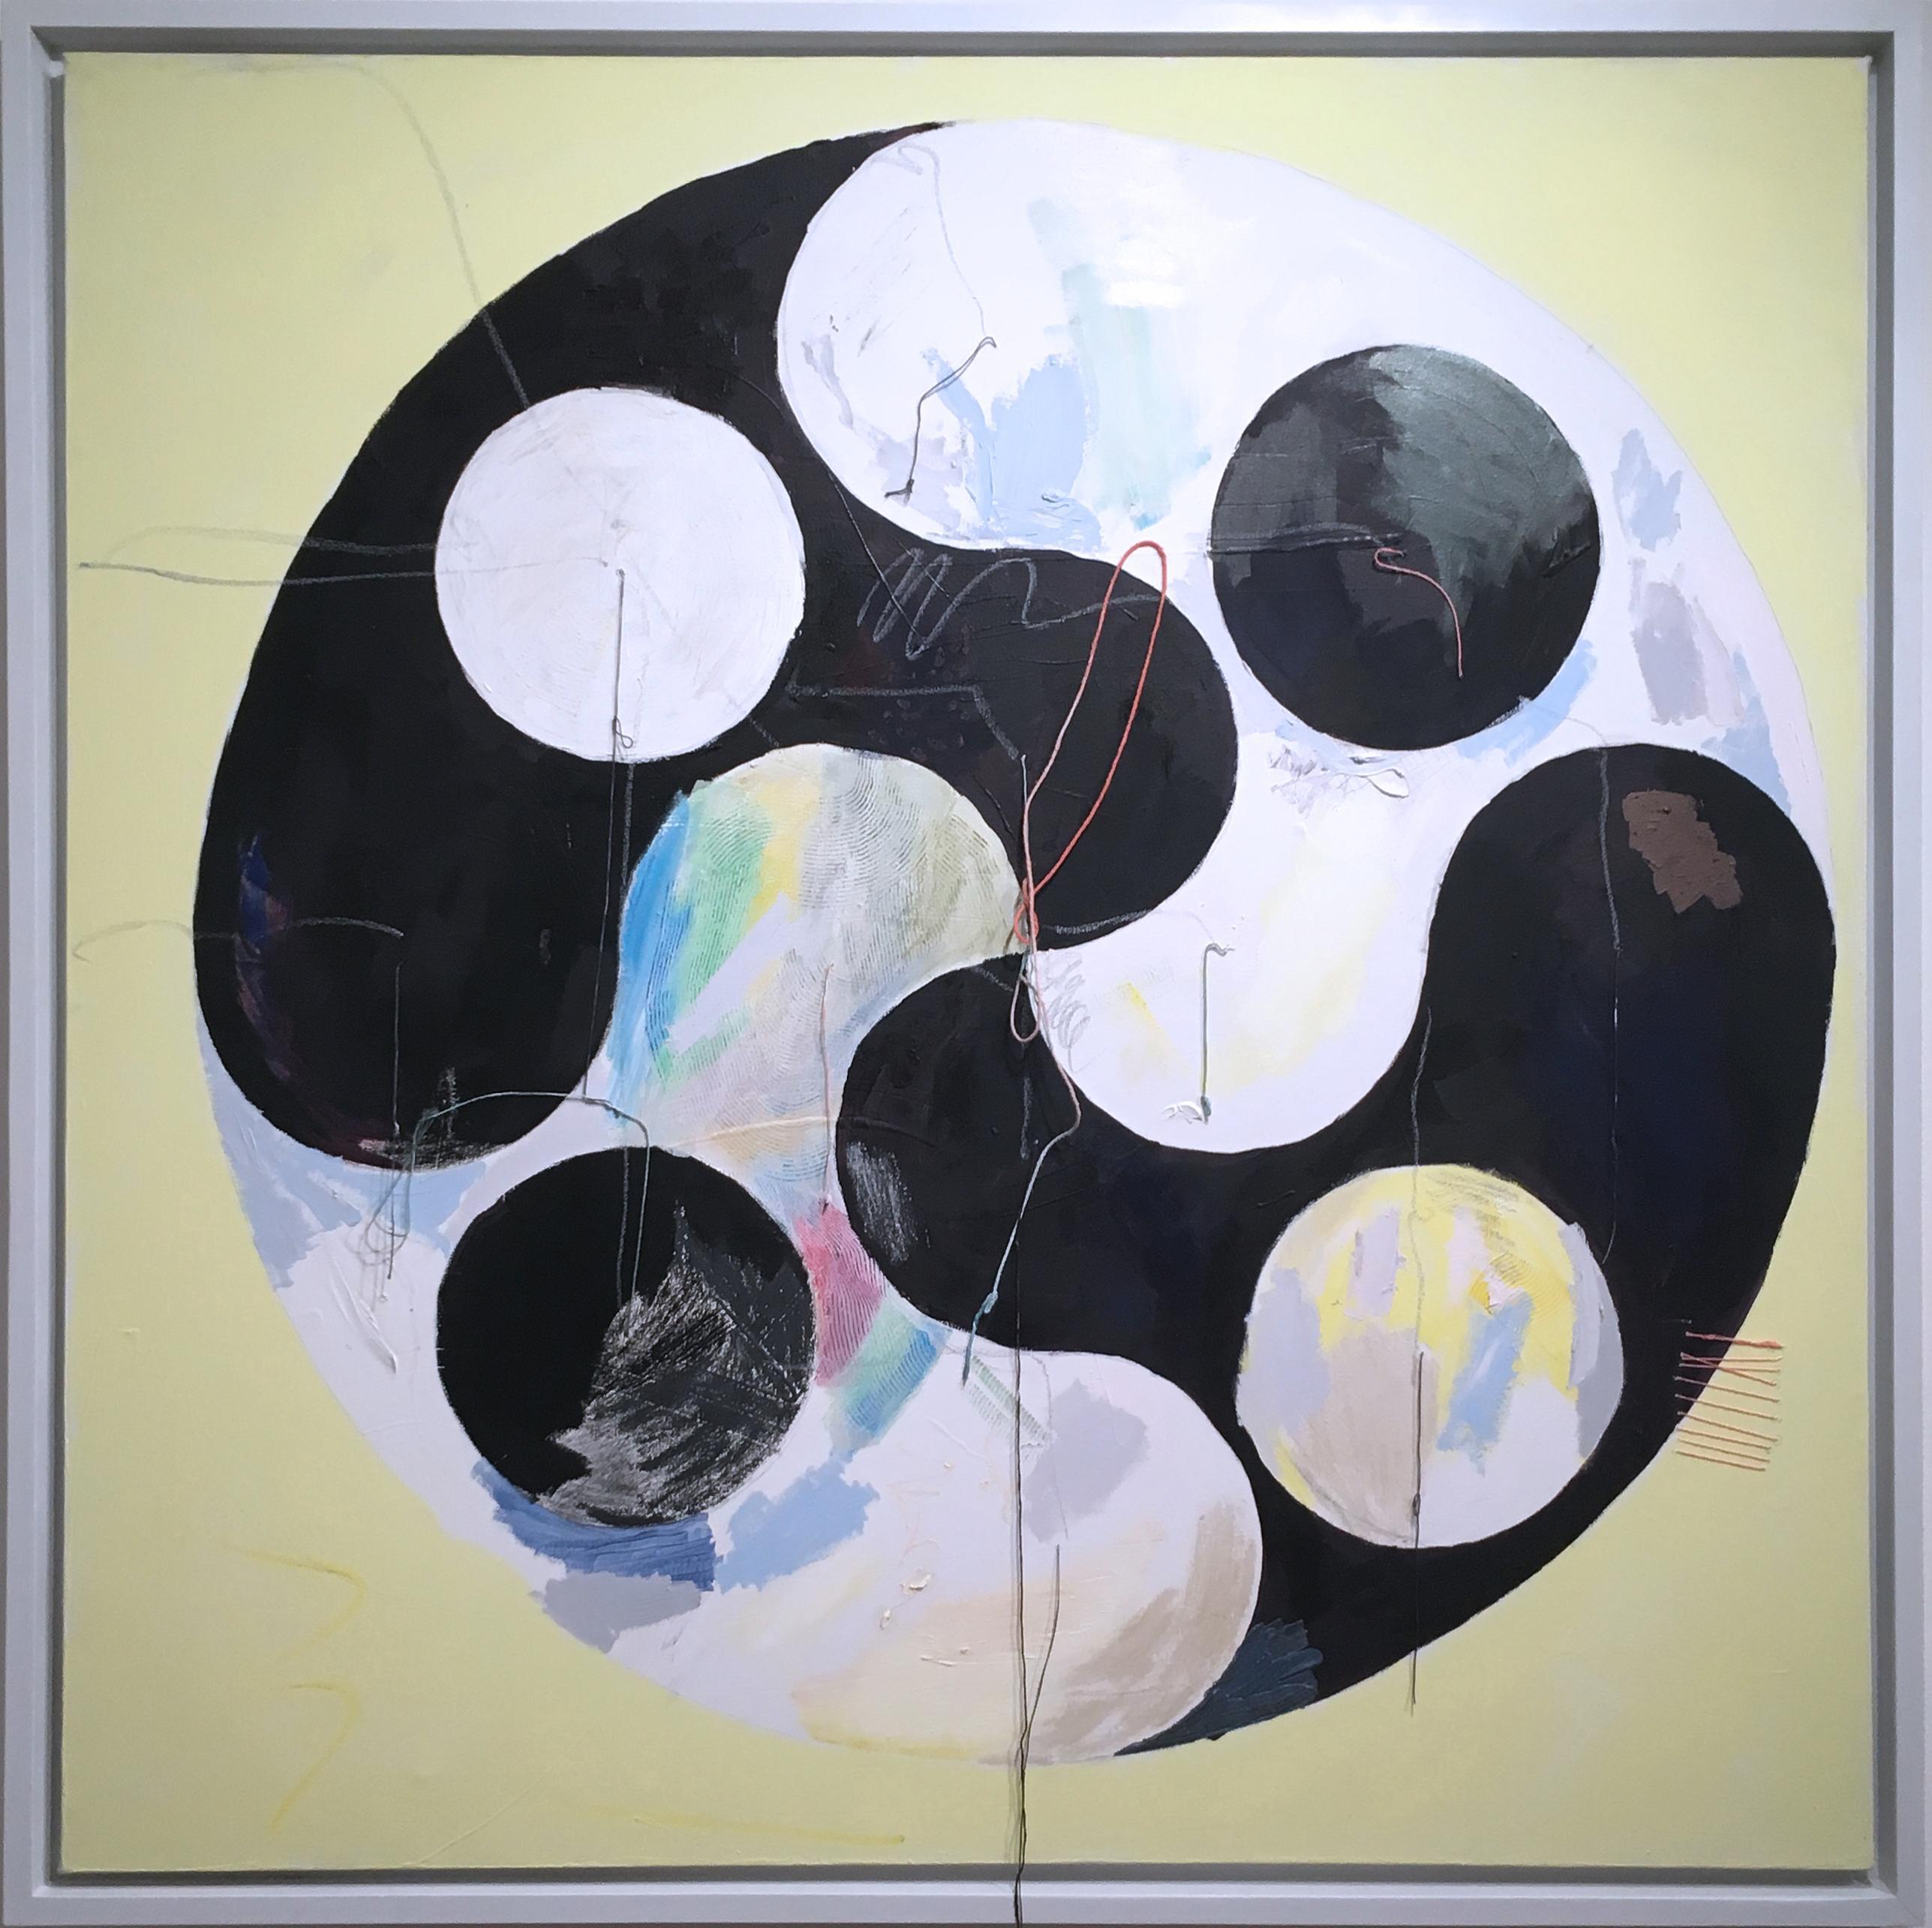 Yin Yang, 2020, acrylic, oil, canvas, yarn, thread, black, yellow, abstract